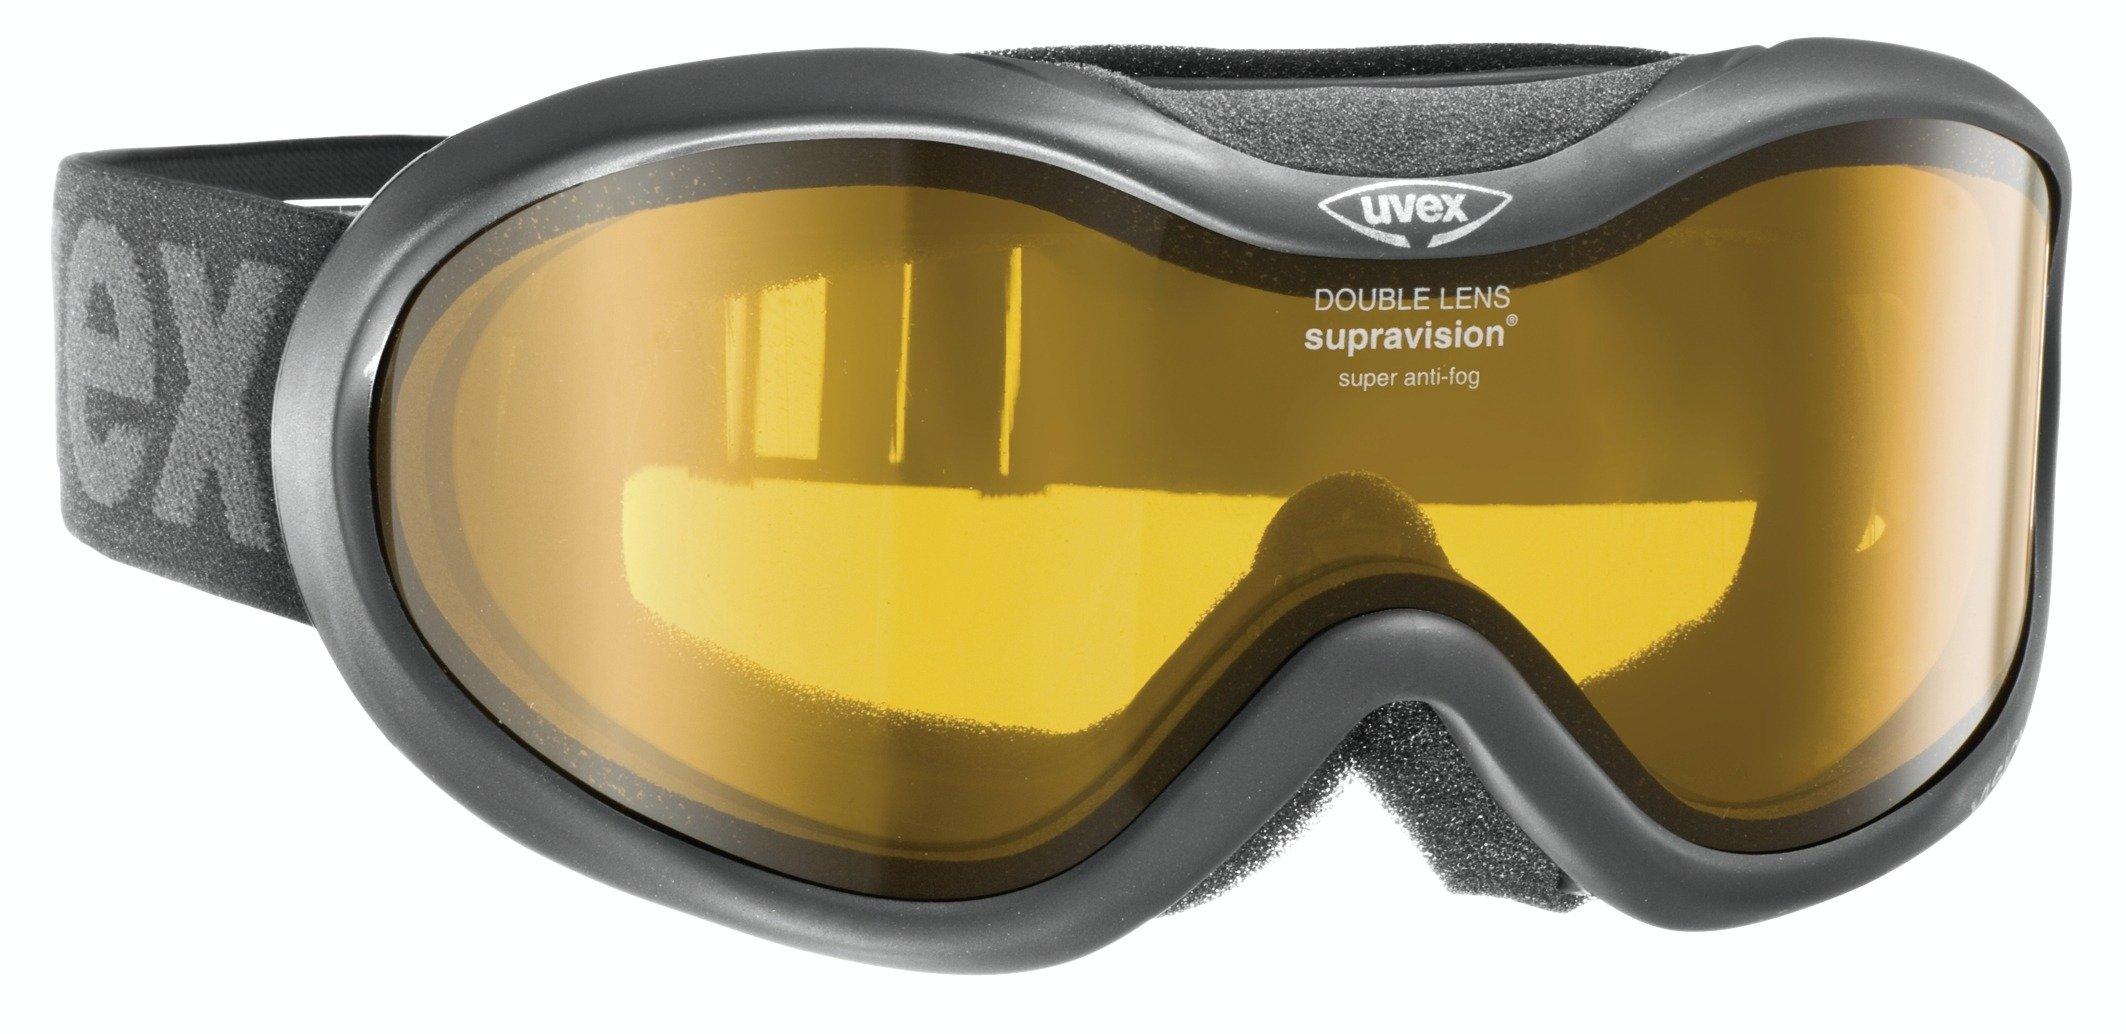 Uvex – Uvex vision optic s fra billigsport24